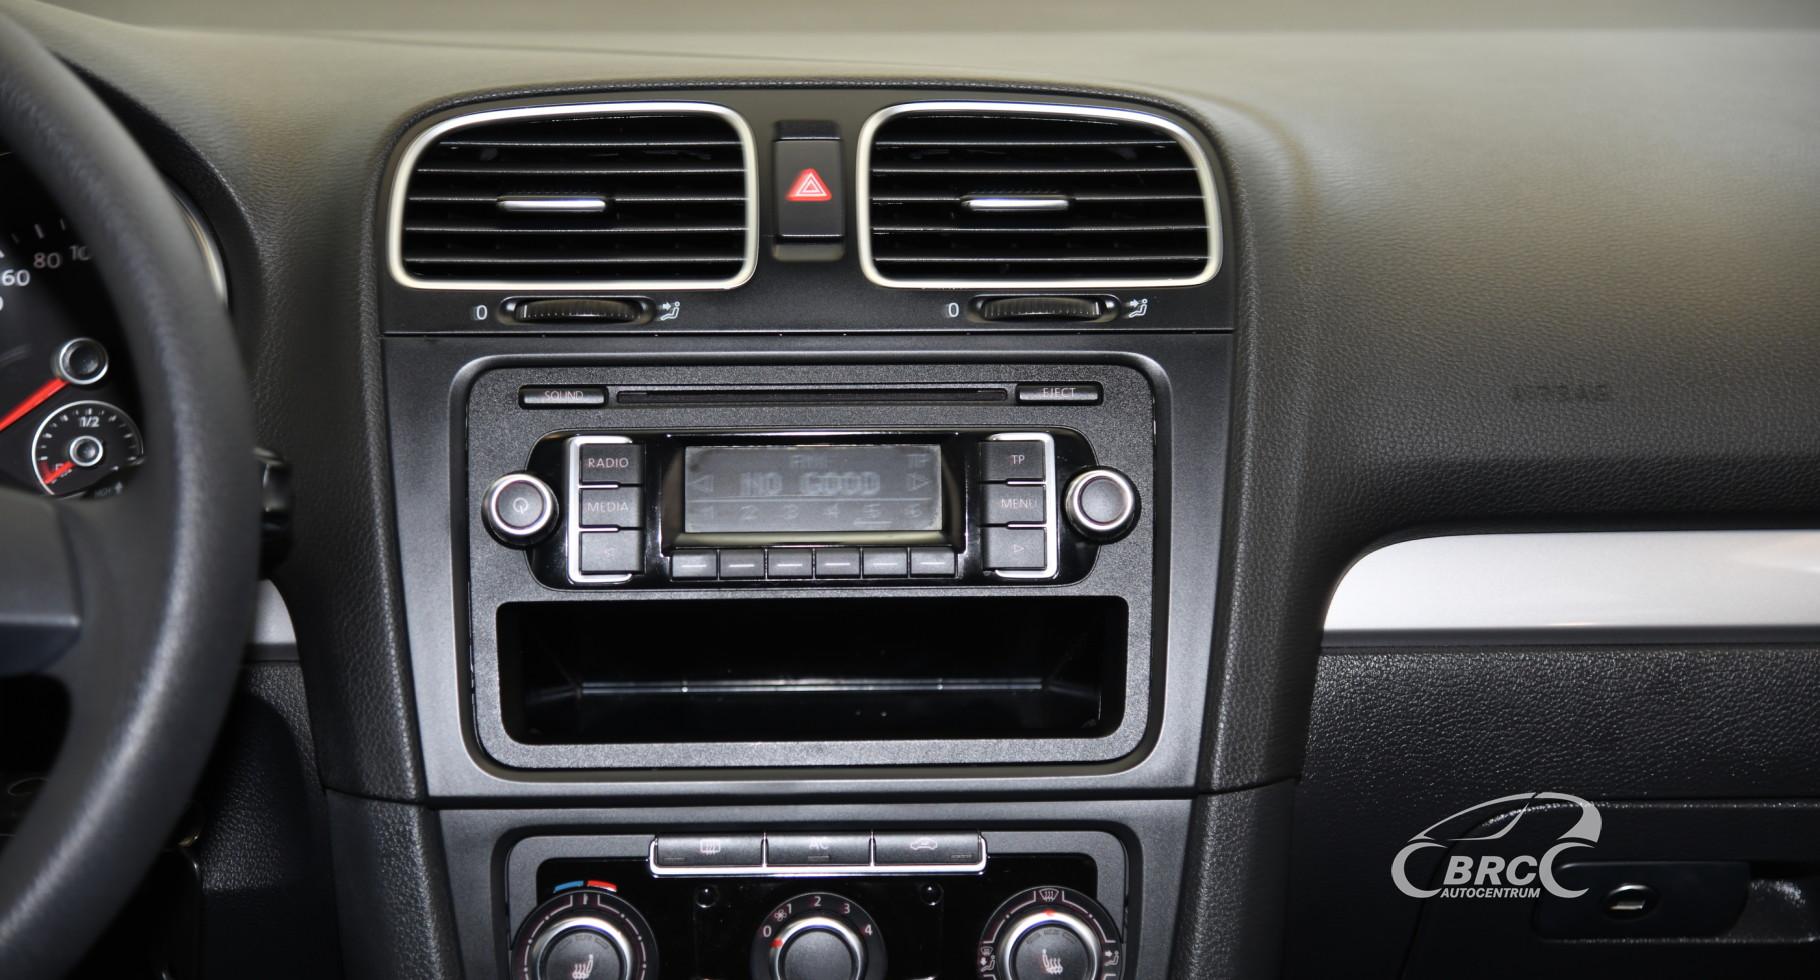 Volkswagen Golf 1.6 TDI Trend